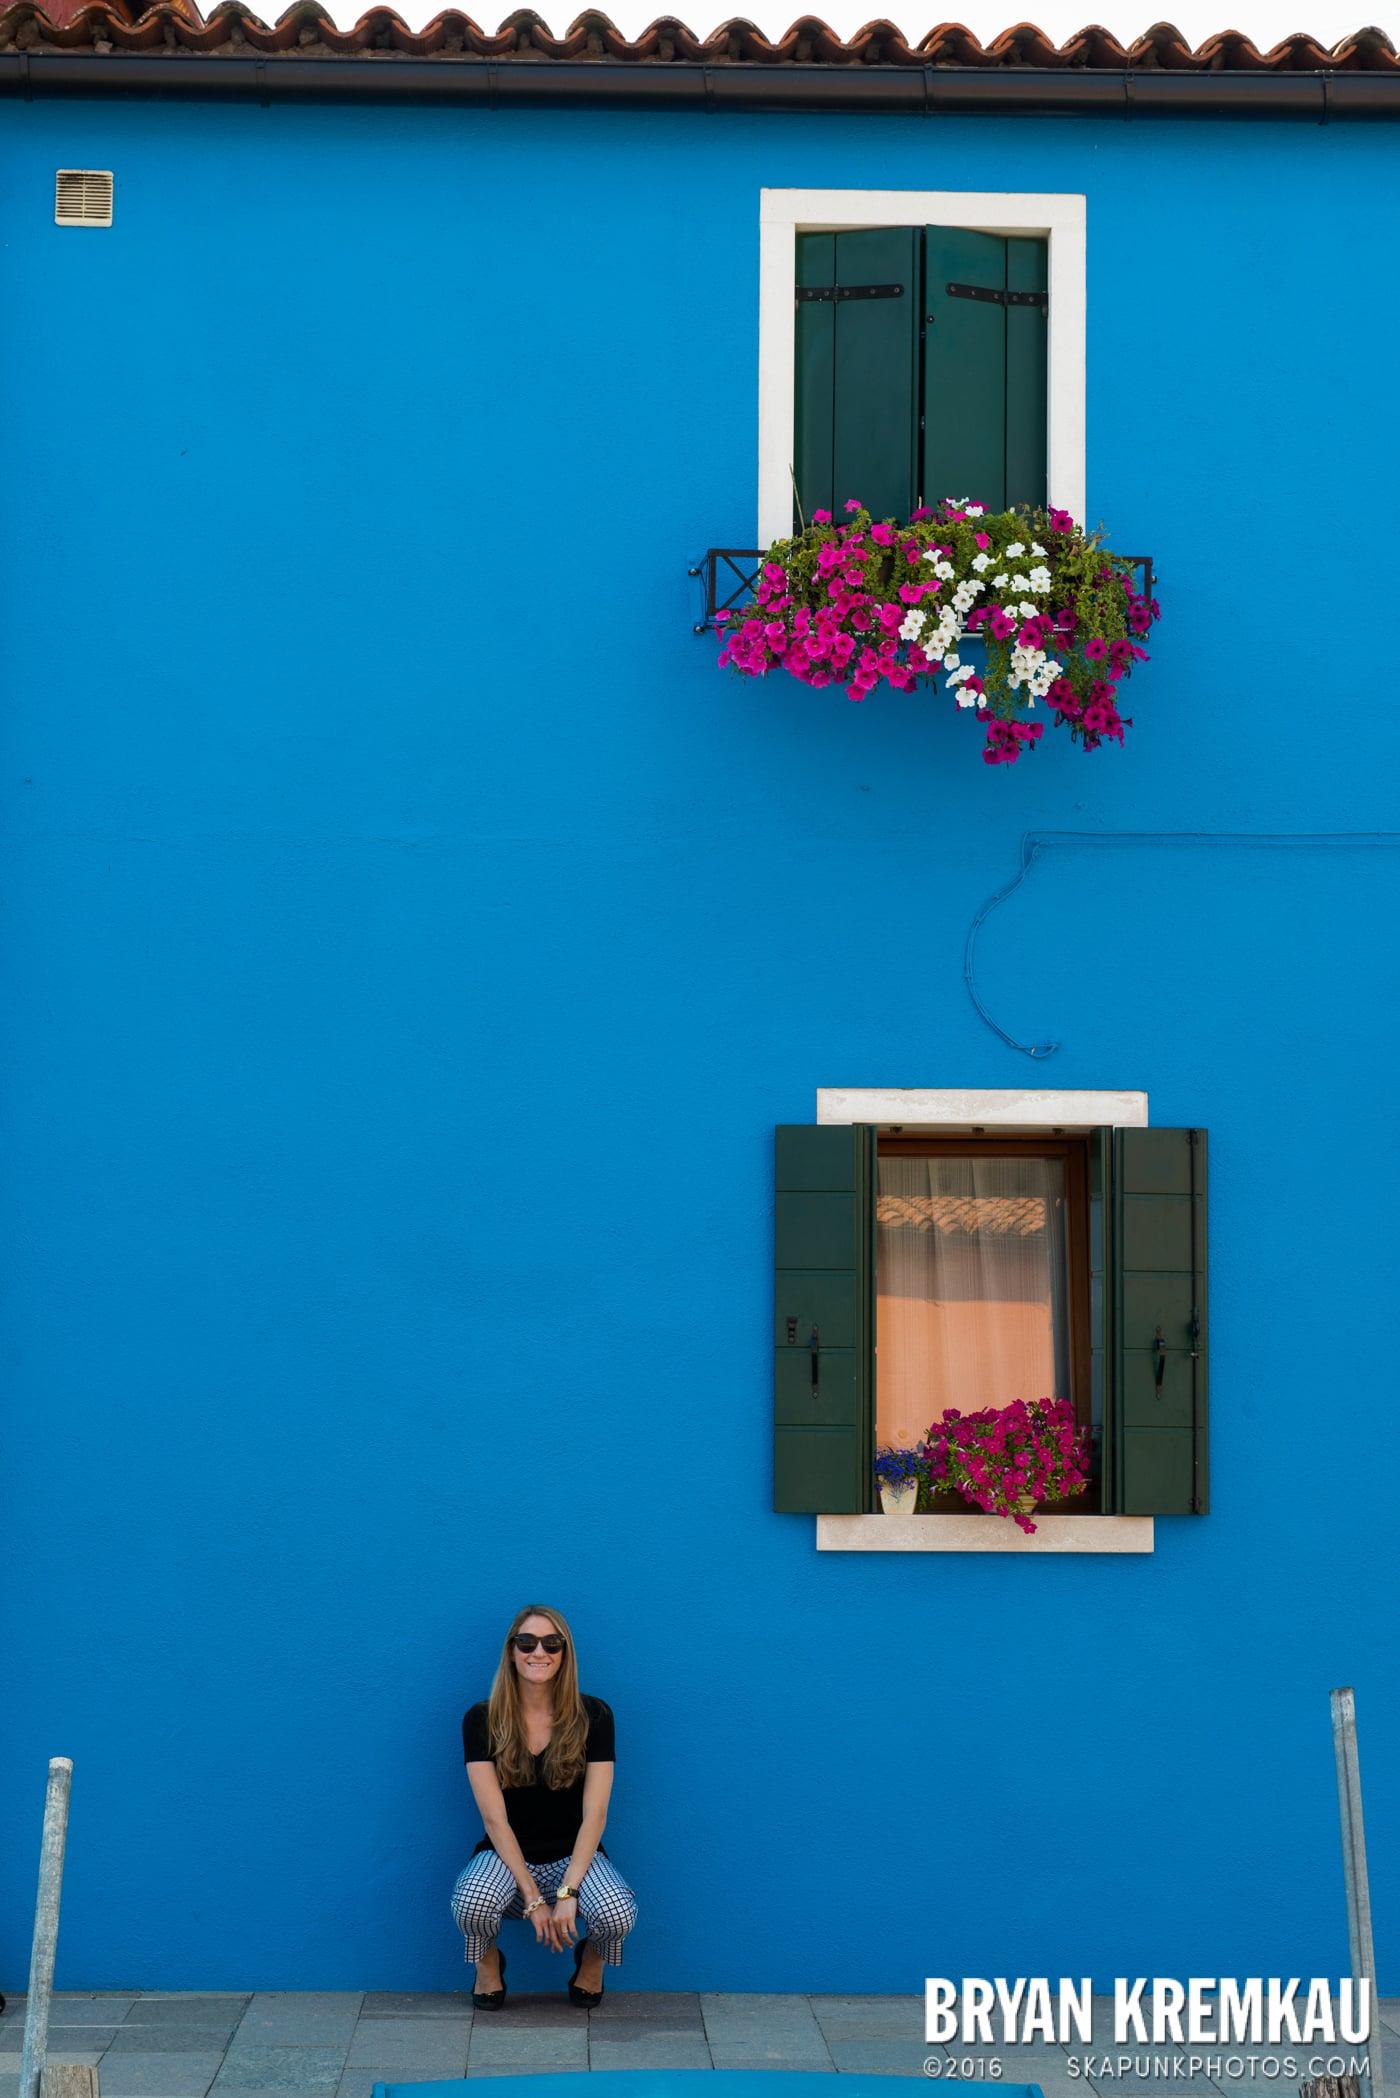 Italy Vacation - Day 6: Murano, Burano, Venice - 9.14.13 (43)